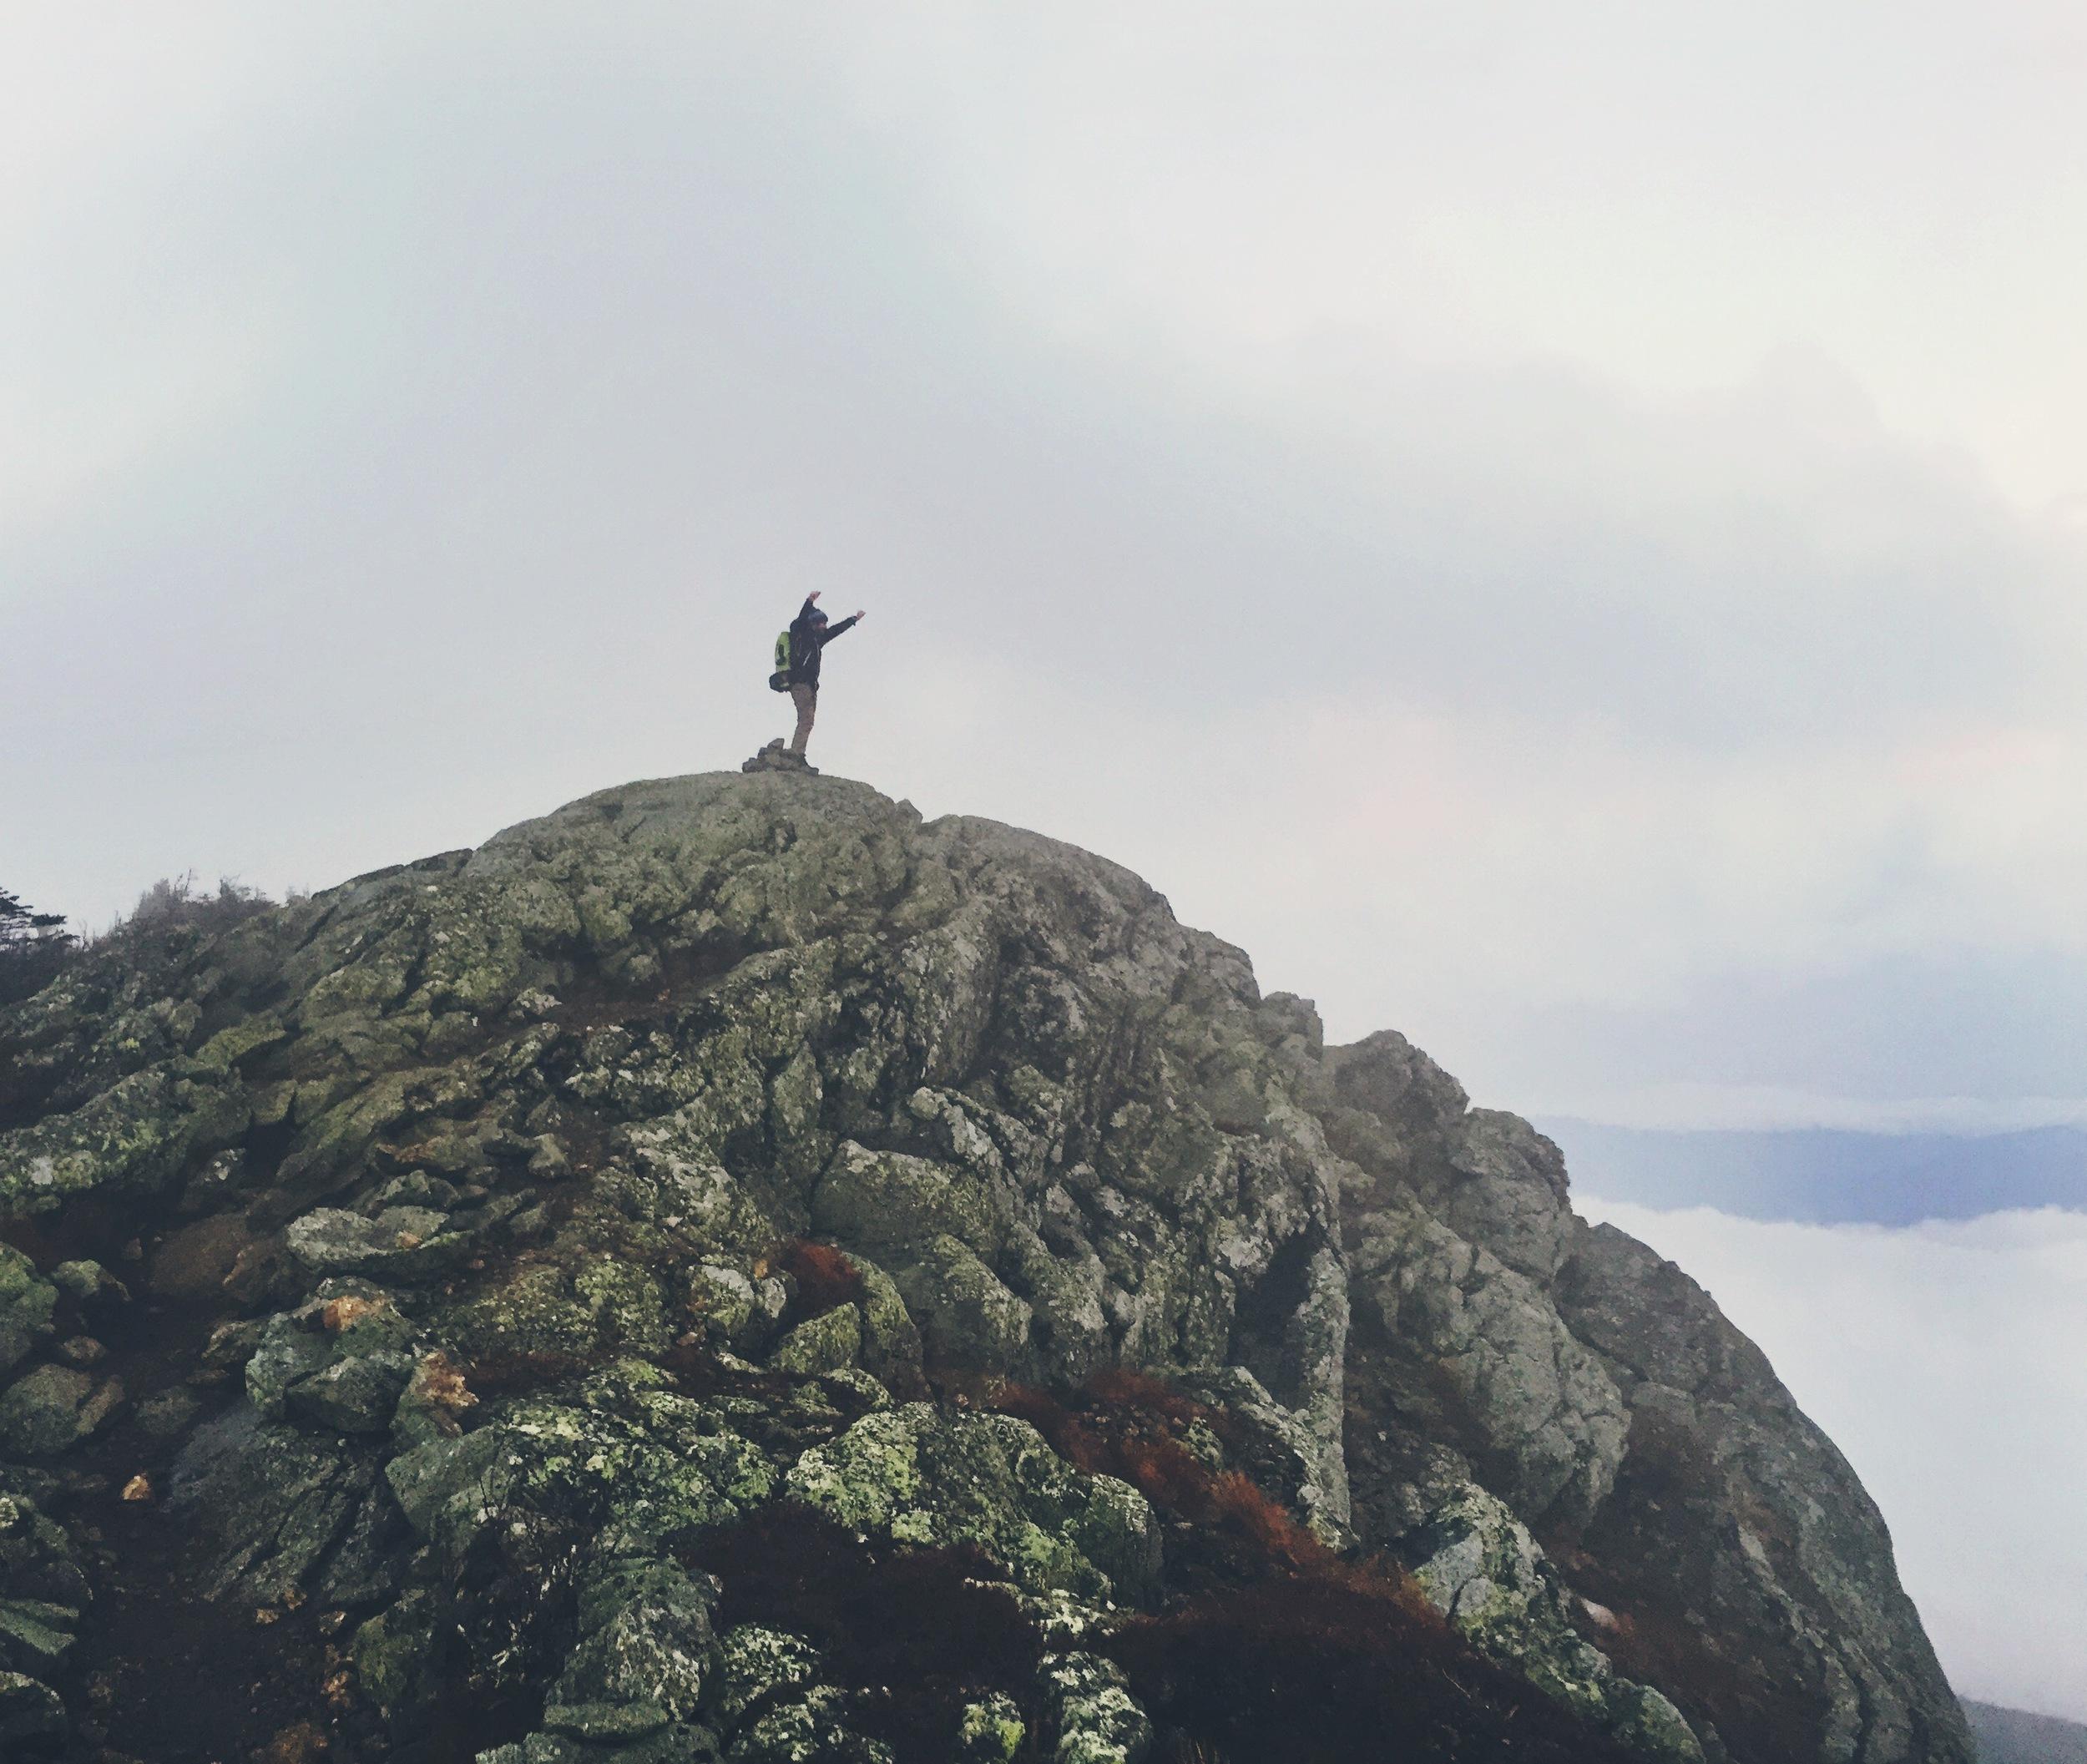 On top of West Peak.